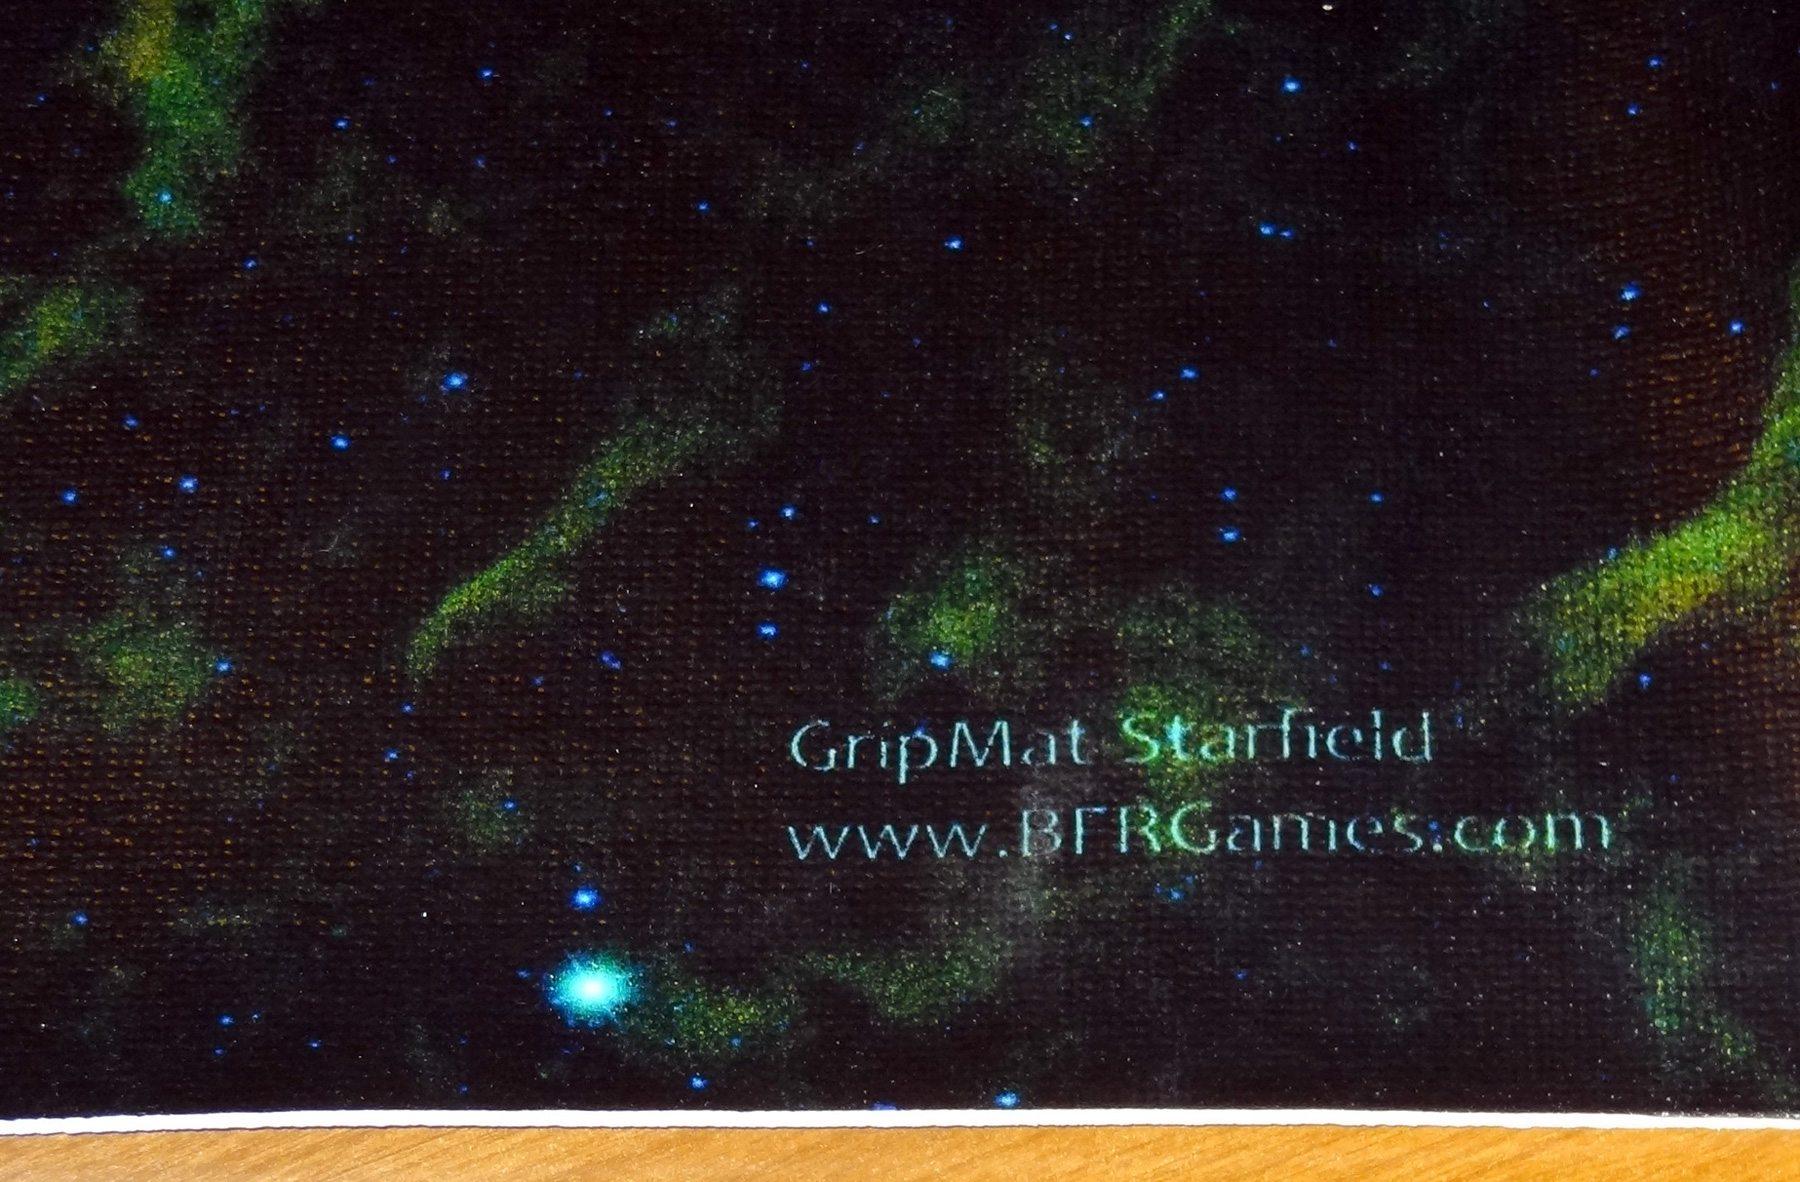 GripMat close up